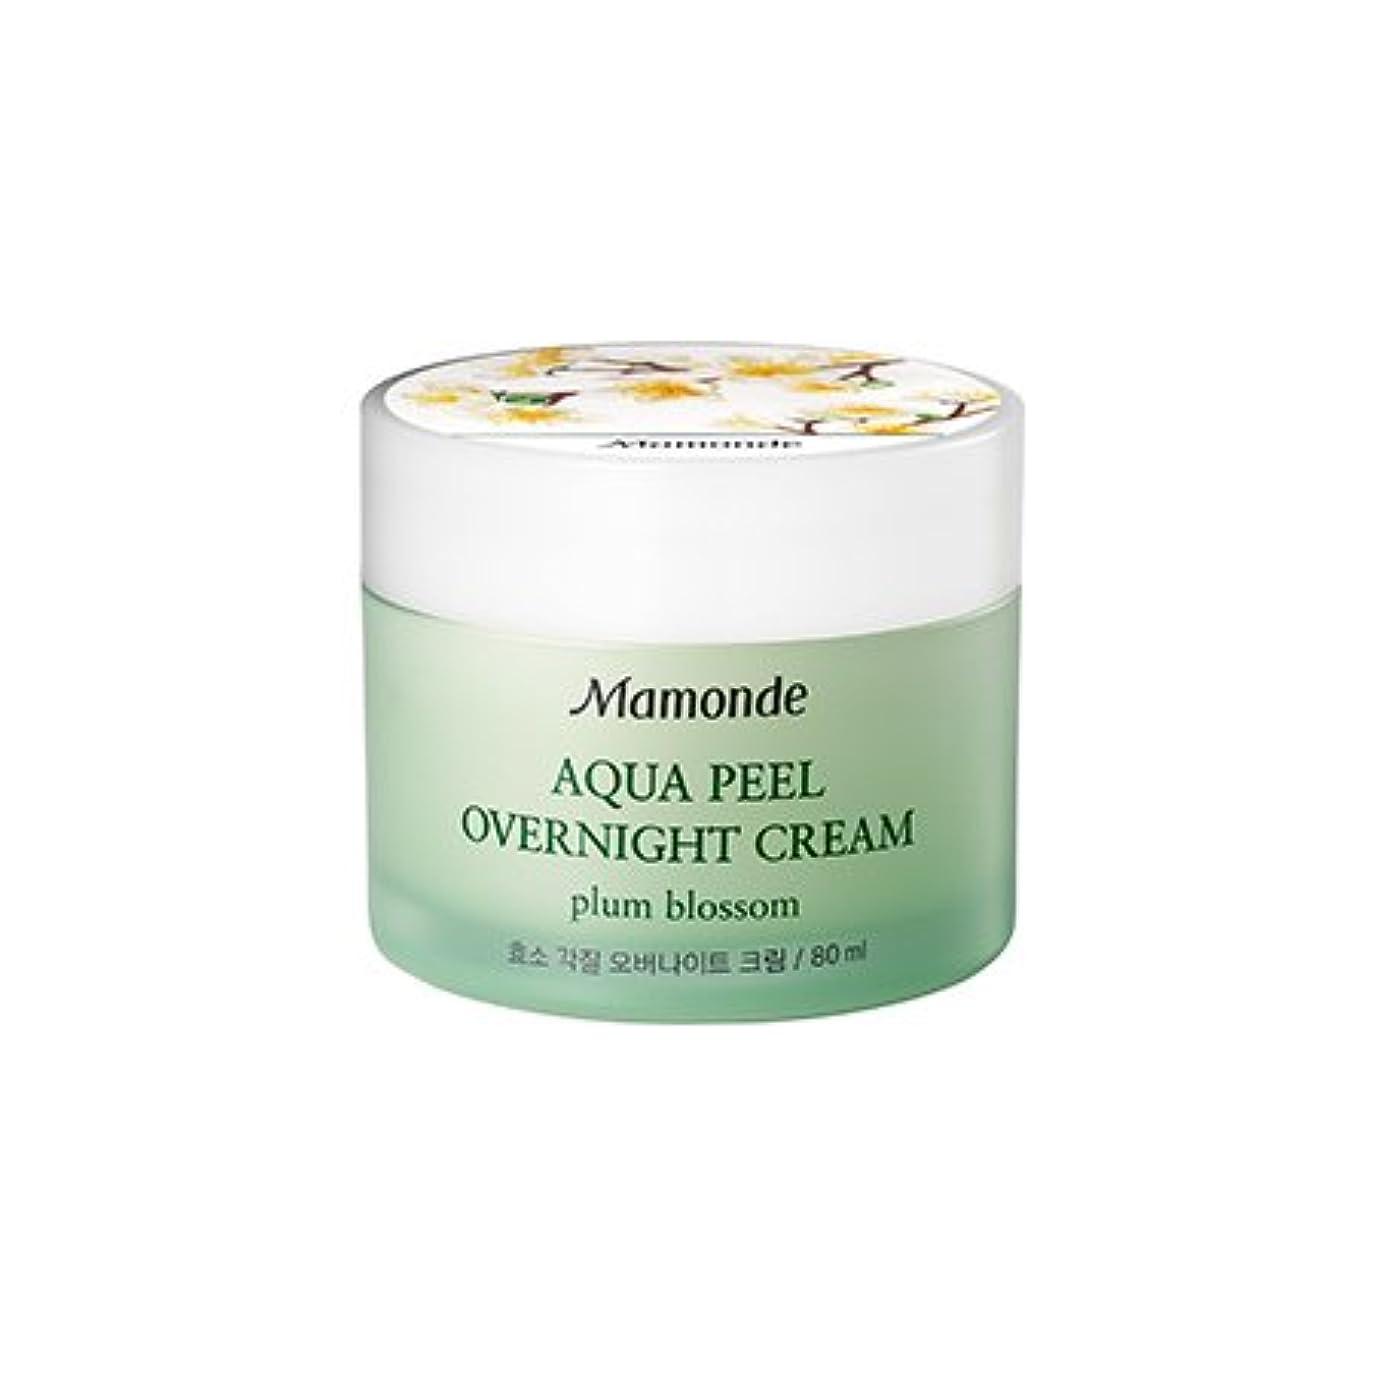 シルクゴミMamonde Aqua Peel Overnight Cream 80ml/マモンド アクア ピール オーバーナイト クリーム 80ml [並行輸入品]